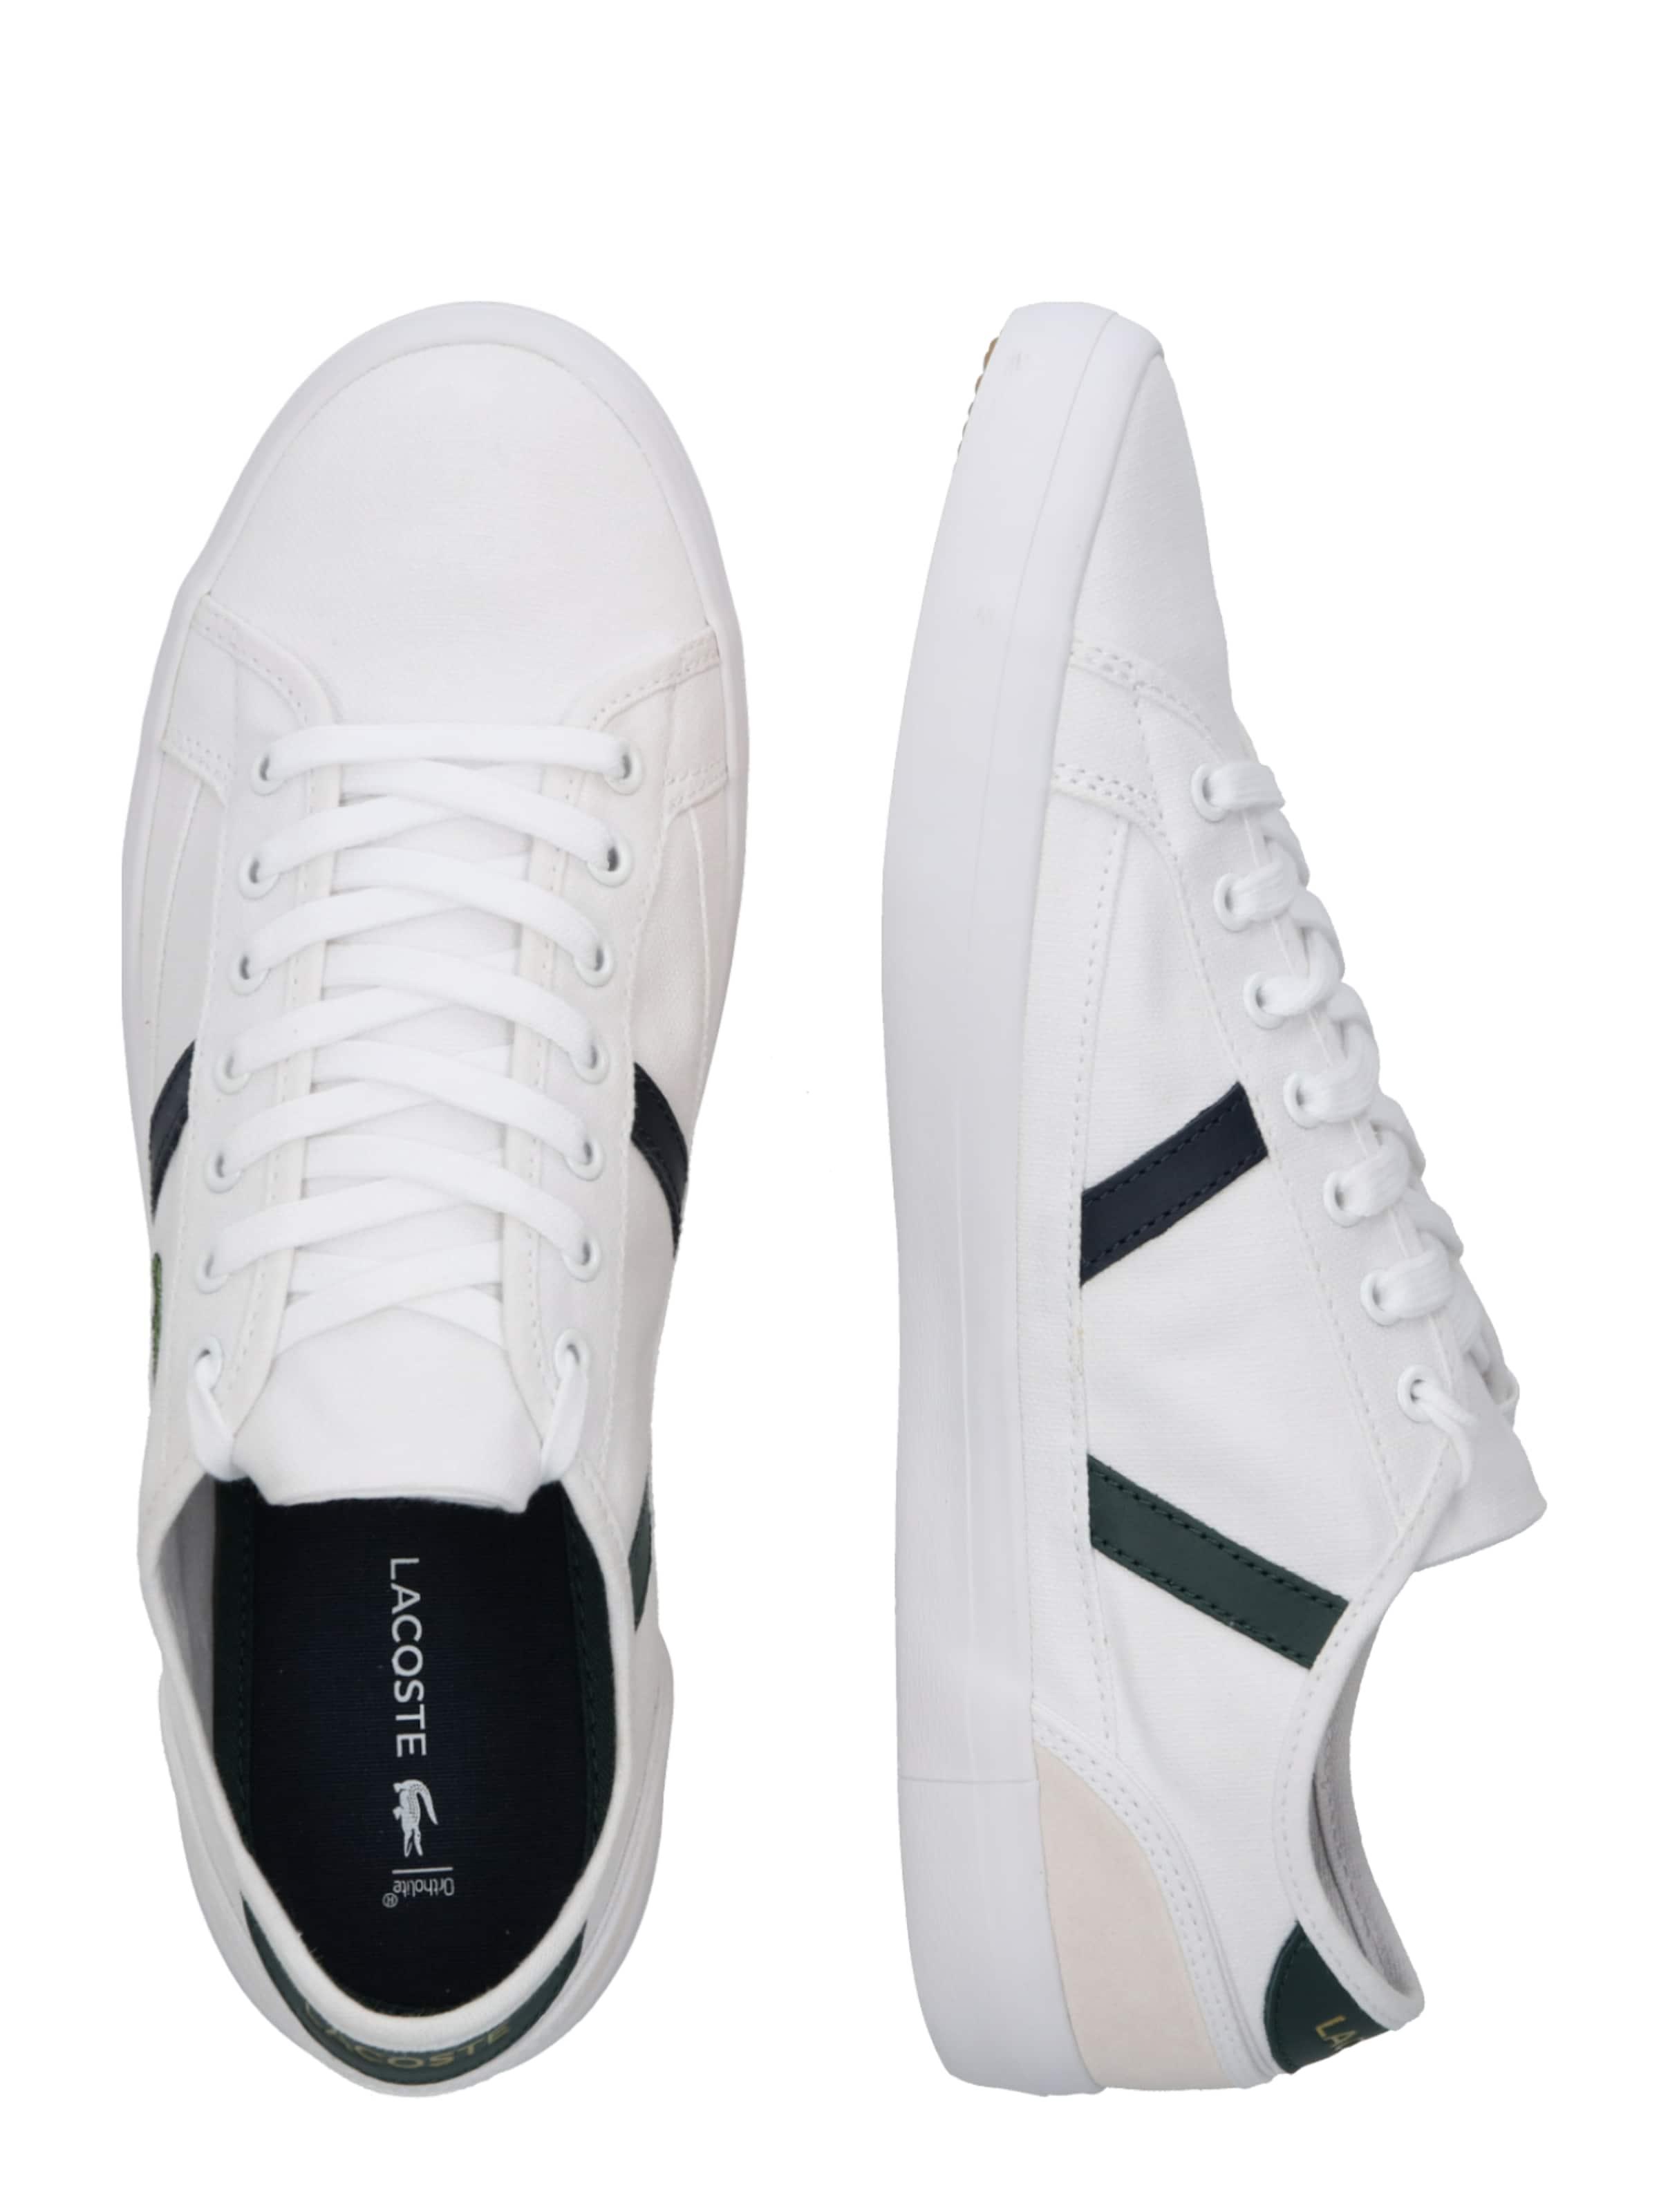 Sneaker Weiß In Lacoste 'sideline 319 4 Cma' y0wv8OPnmN